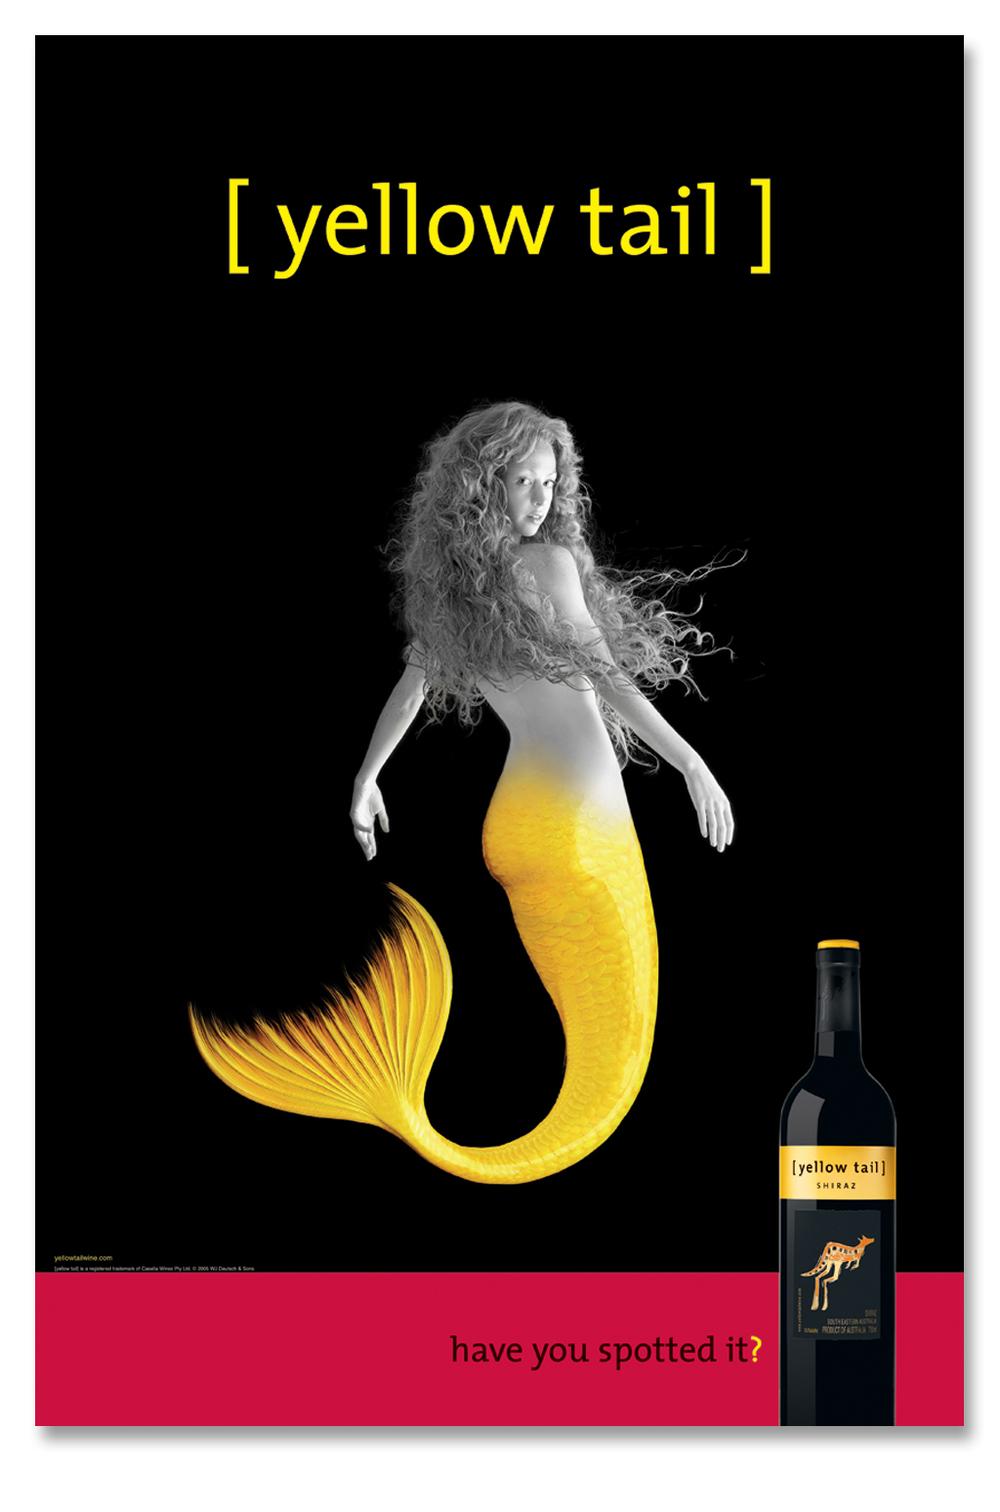 yellowtail_poster_mermaid.jpg